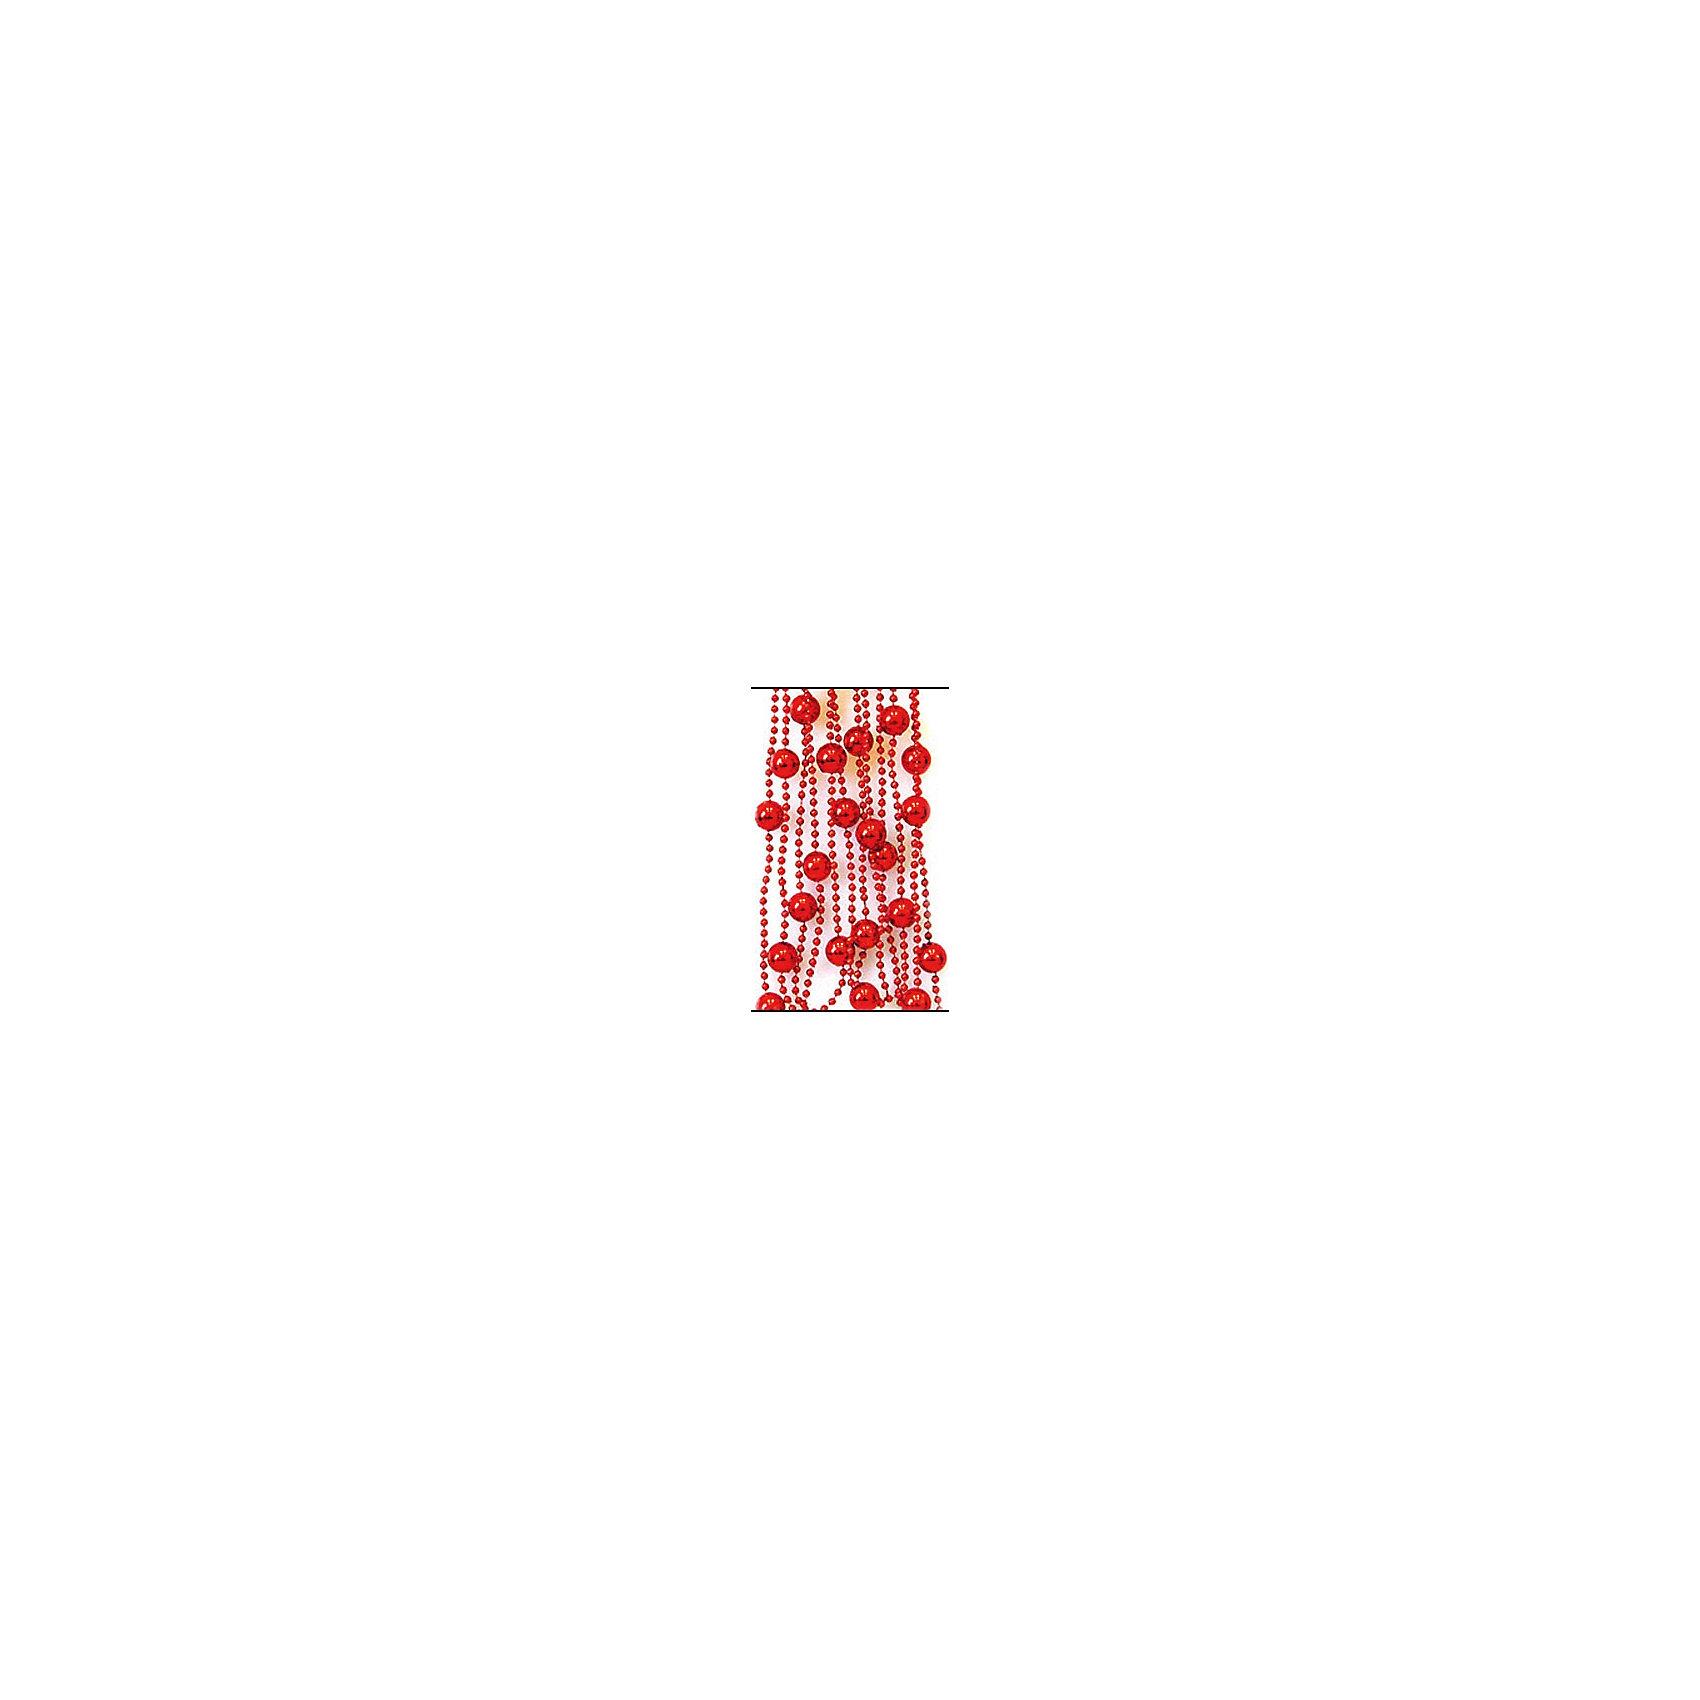 Бусы Шарики 2,7 м, Marko FerenzoВсё для праздника<br>Бусы Шарики 2,7 м, Marko Ferenzo (Марко Ферензо) – это великолепное украшение придаст елке особое очарование.<br>Сложные бусы из шариков большого и маленького размера от Marko Ferenzo (Марко Ферензо) прекрасно подойдут для декорирования елки и будут идеально сочетаться с огоньками и другими игрушками. Бусы можно использовать не только для того, что бы нарядить зеленую красавицу, ими можно украсить детали интерьера: торшер, полку, всевозможные переключатели и ручки. Украсив елку и предметы интерьера этими бусами, вы создадите атмосферу фантастического праздника. Торговая марка «Marko Ferenzo» (Марко Ферензо) – это стиль, красочность, оригинальность и качество, которому можно доверять!<br><br>Дополнительная информация:<br><br>- Длина: 2,7 м.<br>- Цвет: красный<br><br>Бусы Шарики 2,7 м, Marko Ferenzo (Марко Ферензо) можно купить в нашем интернет-магазине.<br><br>Ширина мм: 120<br>Глубина мм: 10<br>Высота мм: 220<br>Вес г: 764<br>Возраст от месяцев: 36<br>Возраст до месяцев: 2147483647<br>Пол: Унисекс<br>Возраст: Детский<br>SKU: 4418936